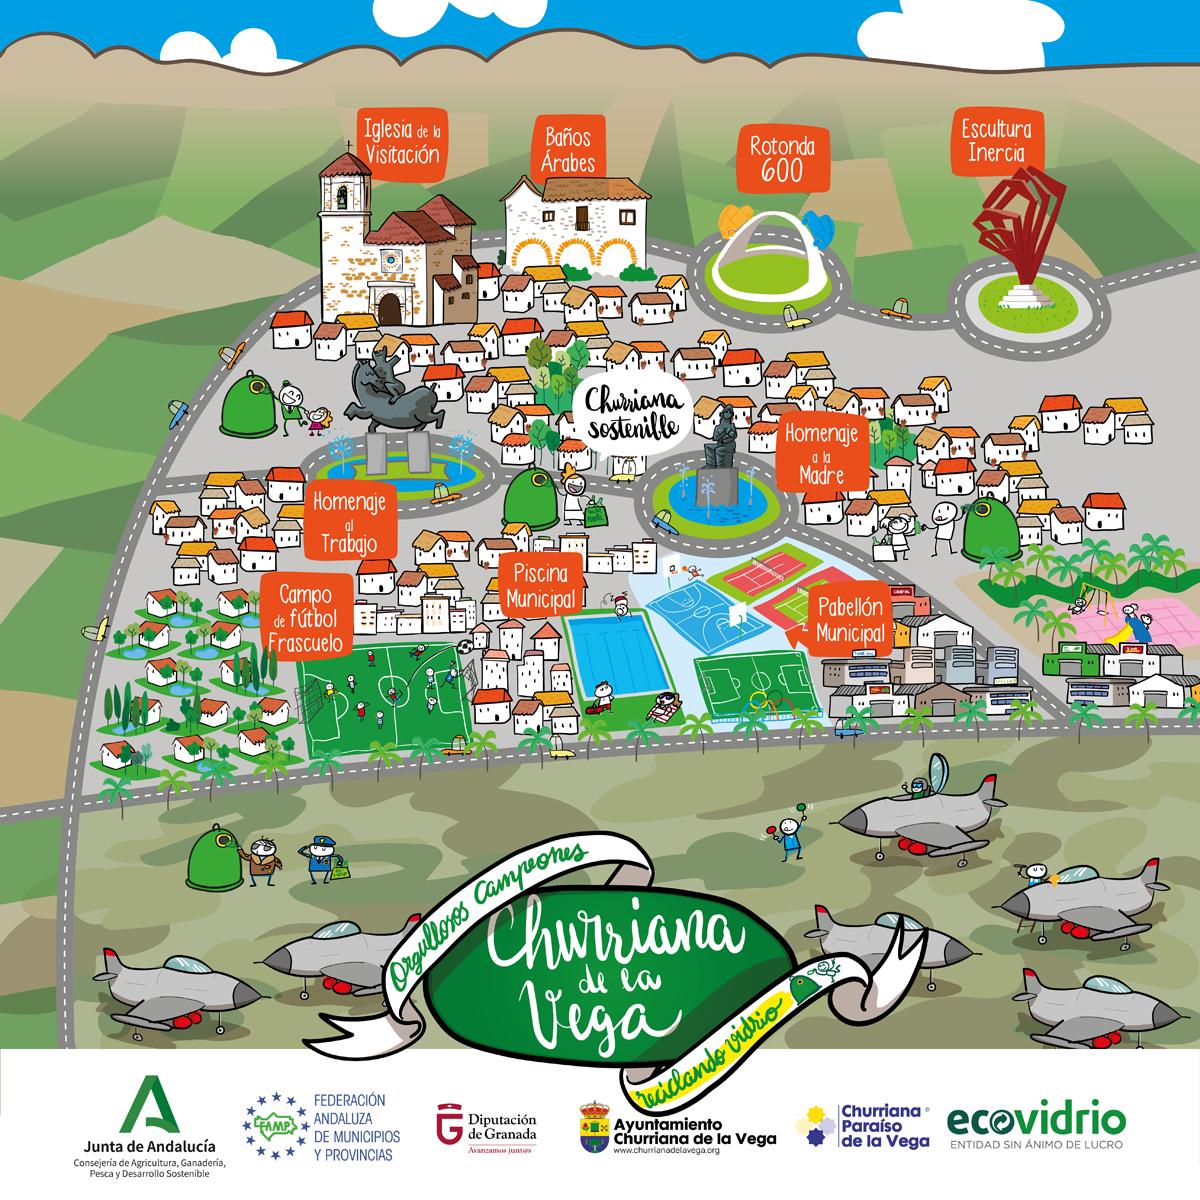 Churriana aumentó en un 109% su reciclaje de envases de vidrio en los meses de diciembre y enero